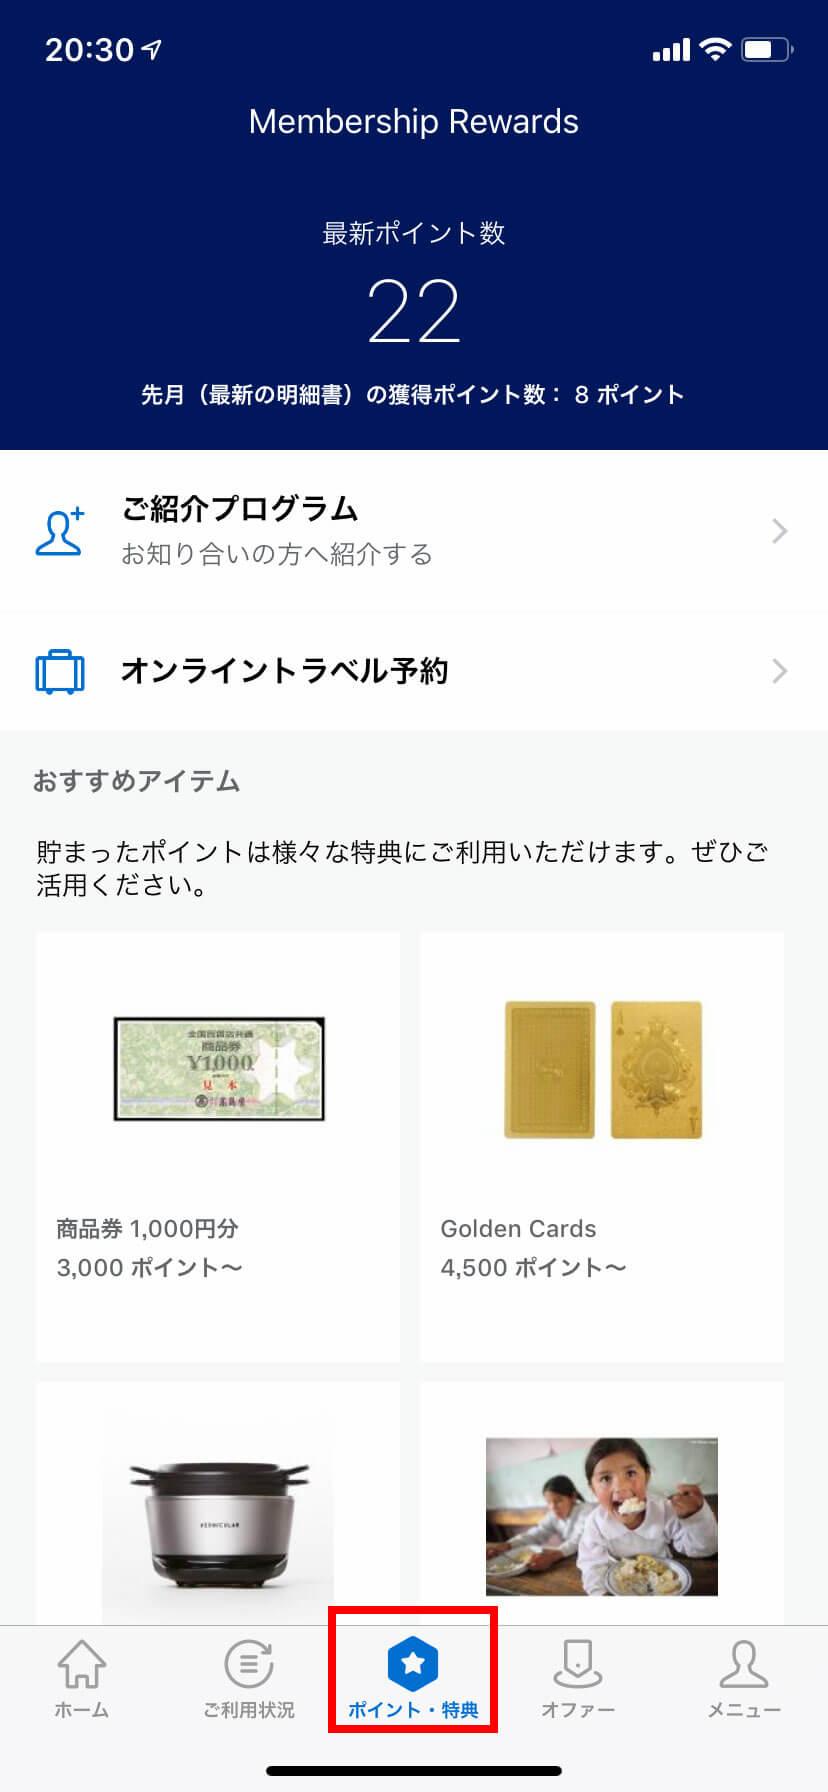 カードを追加する場合はこのアプリでWebページを開いて追加するのでウェブサイトで登録した方が早いと思います。